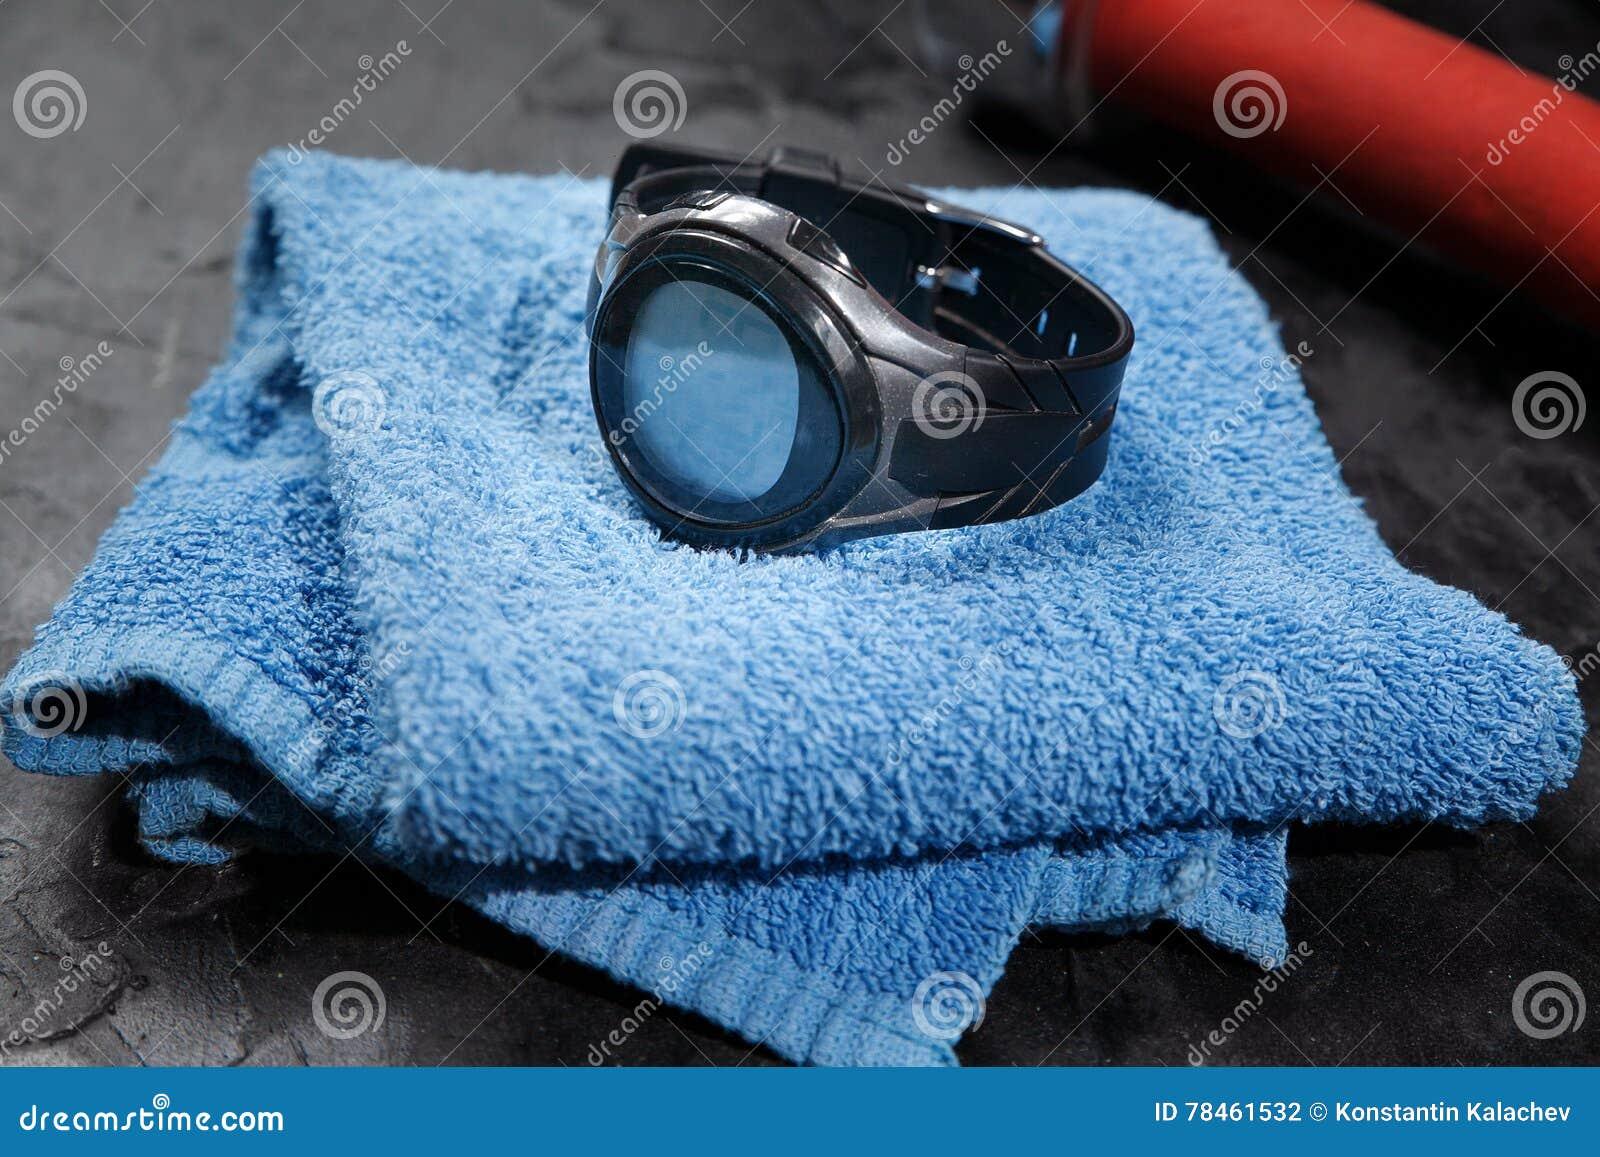 Monitor del ritmo cardíaco en la toalla azul cerca del balón de fútbol